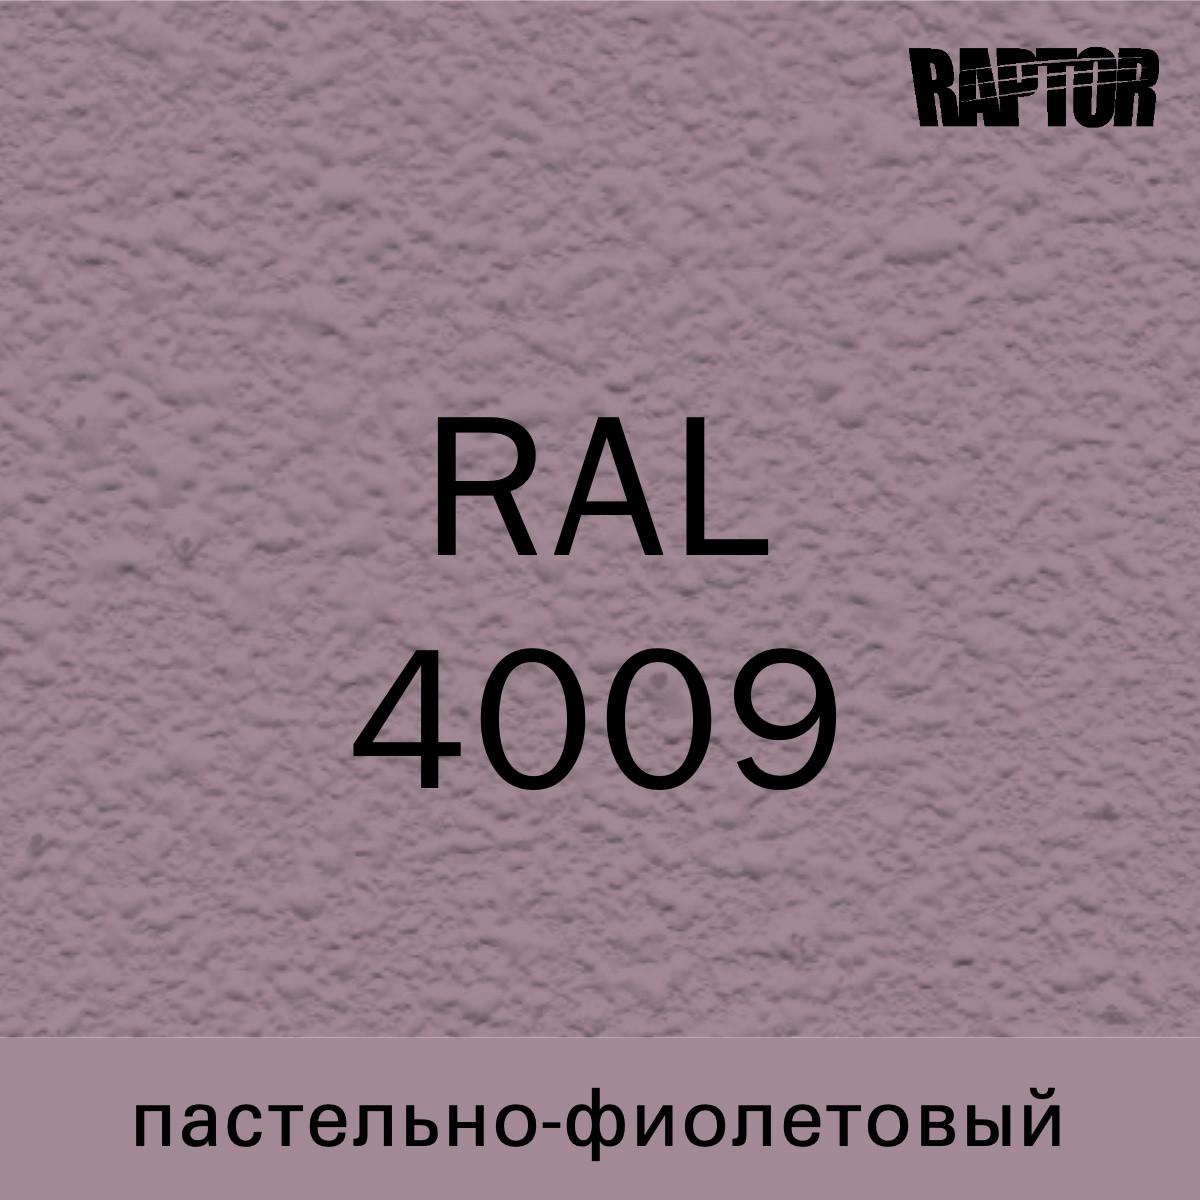 Пигмент для колеровки покрытия RAPTOR™ Пастельно-фиолетовый (RAL 4009)